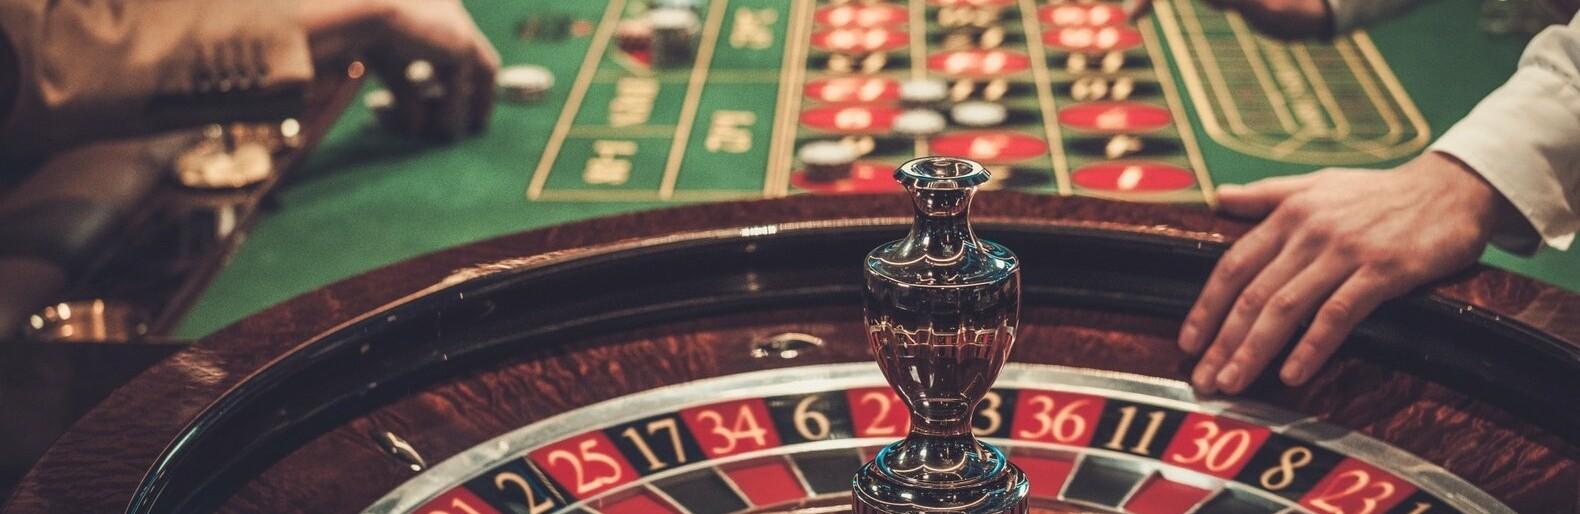 Казино появились азартные игры казино рояль кадры